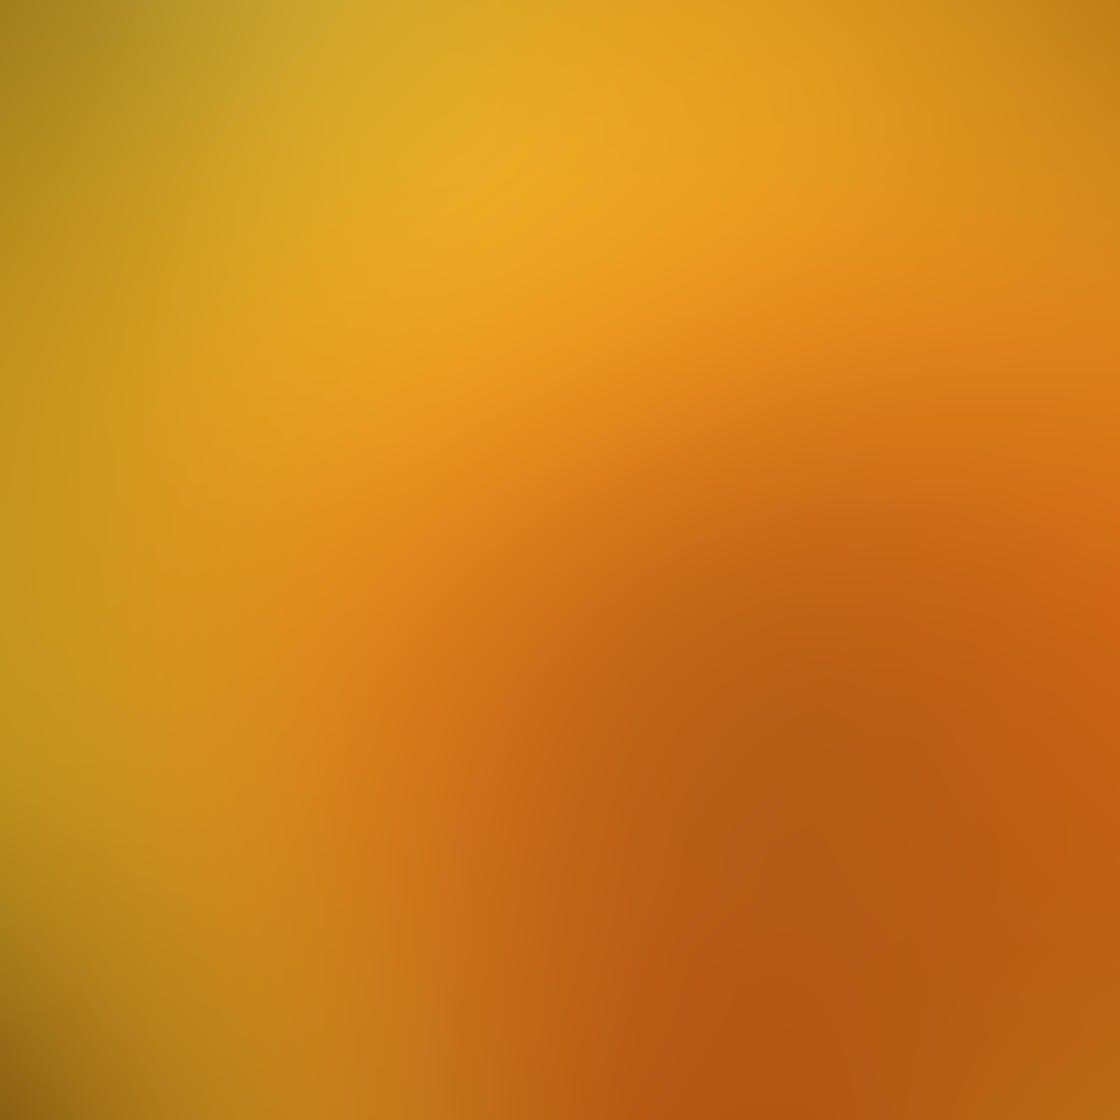 Manual Camera iPhone App 7